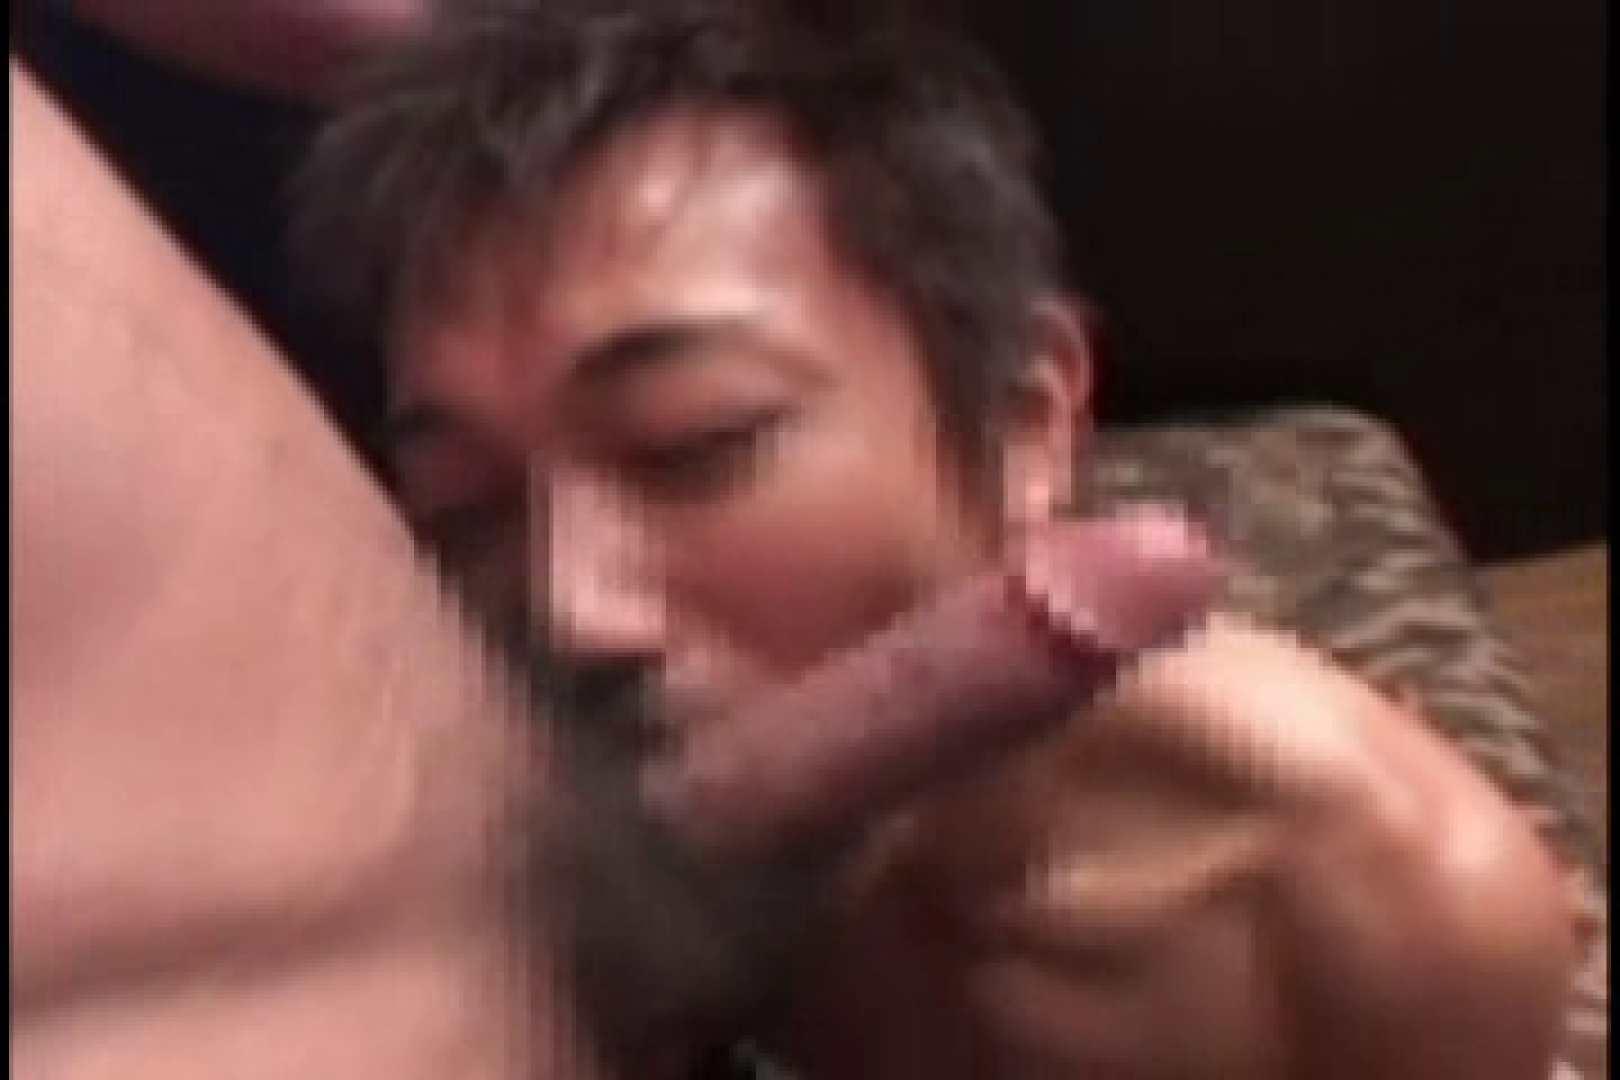 スリ筋!!スポメンのDANKON最高!!take.03 ケツマン ちんぽ画像 101画像 22